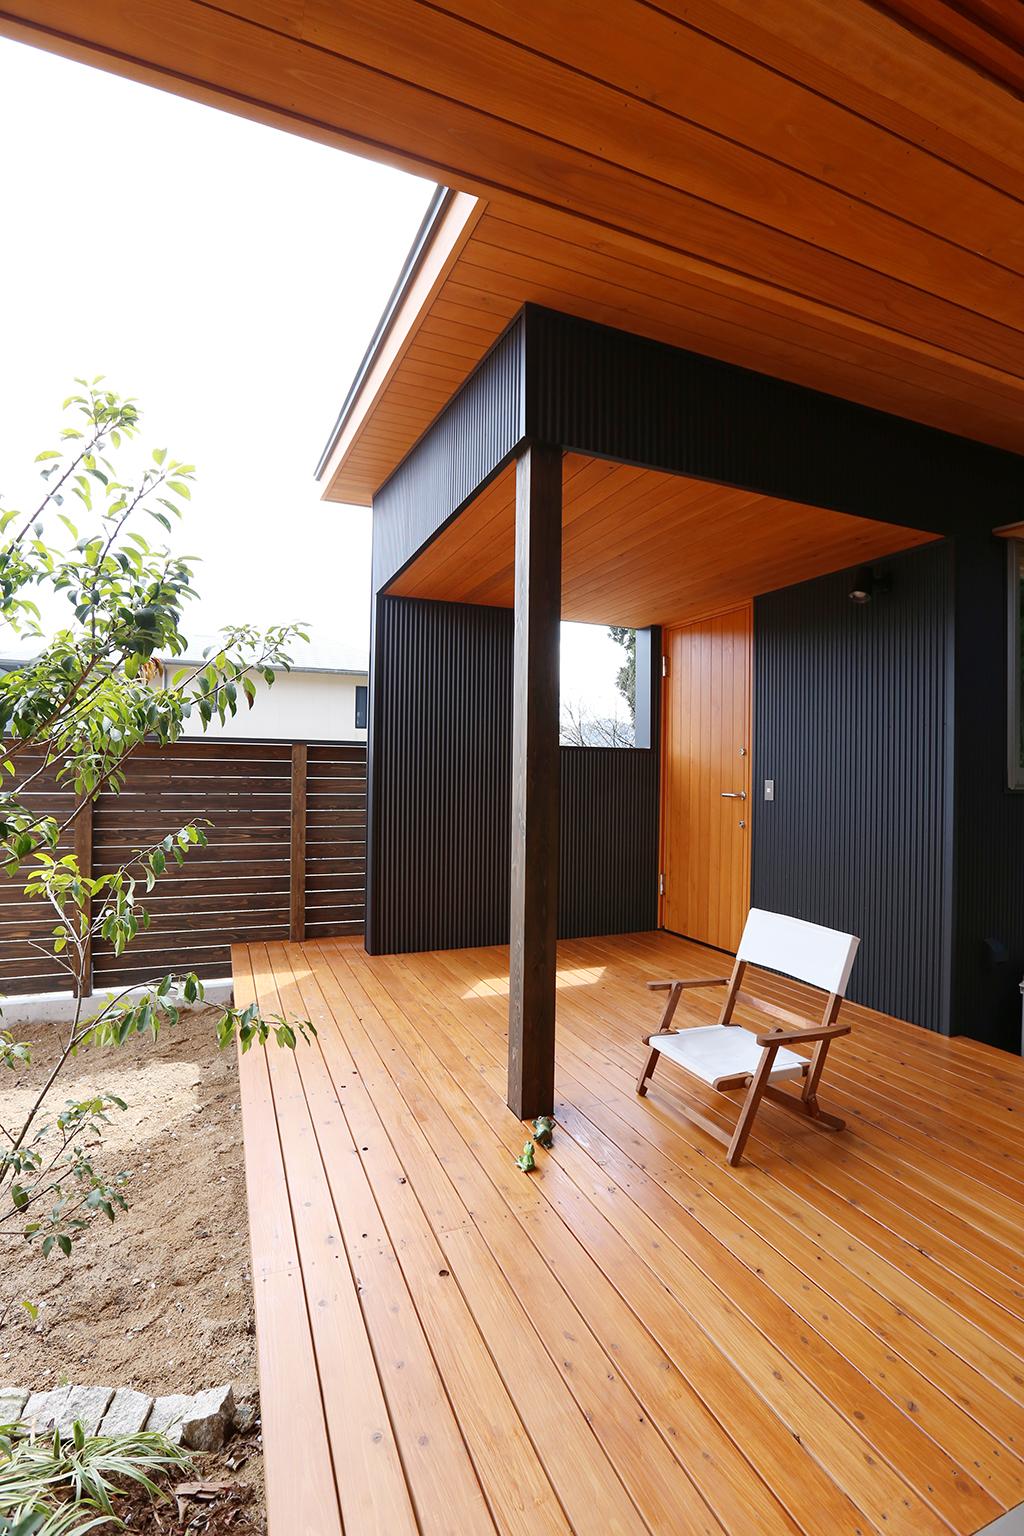 姫路市の木の家 ご主人の趣味のスタジオ